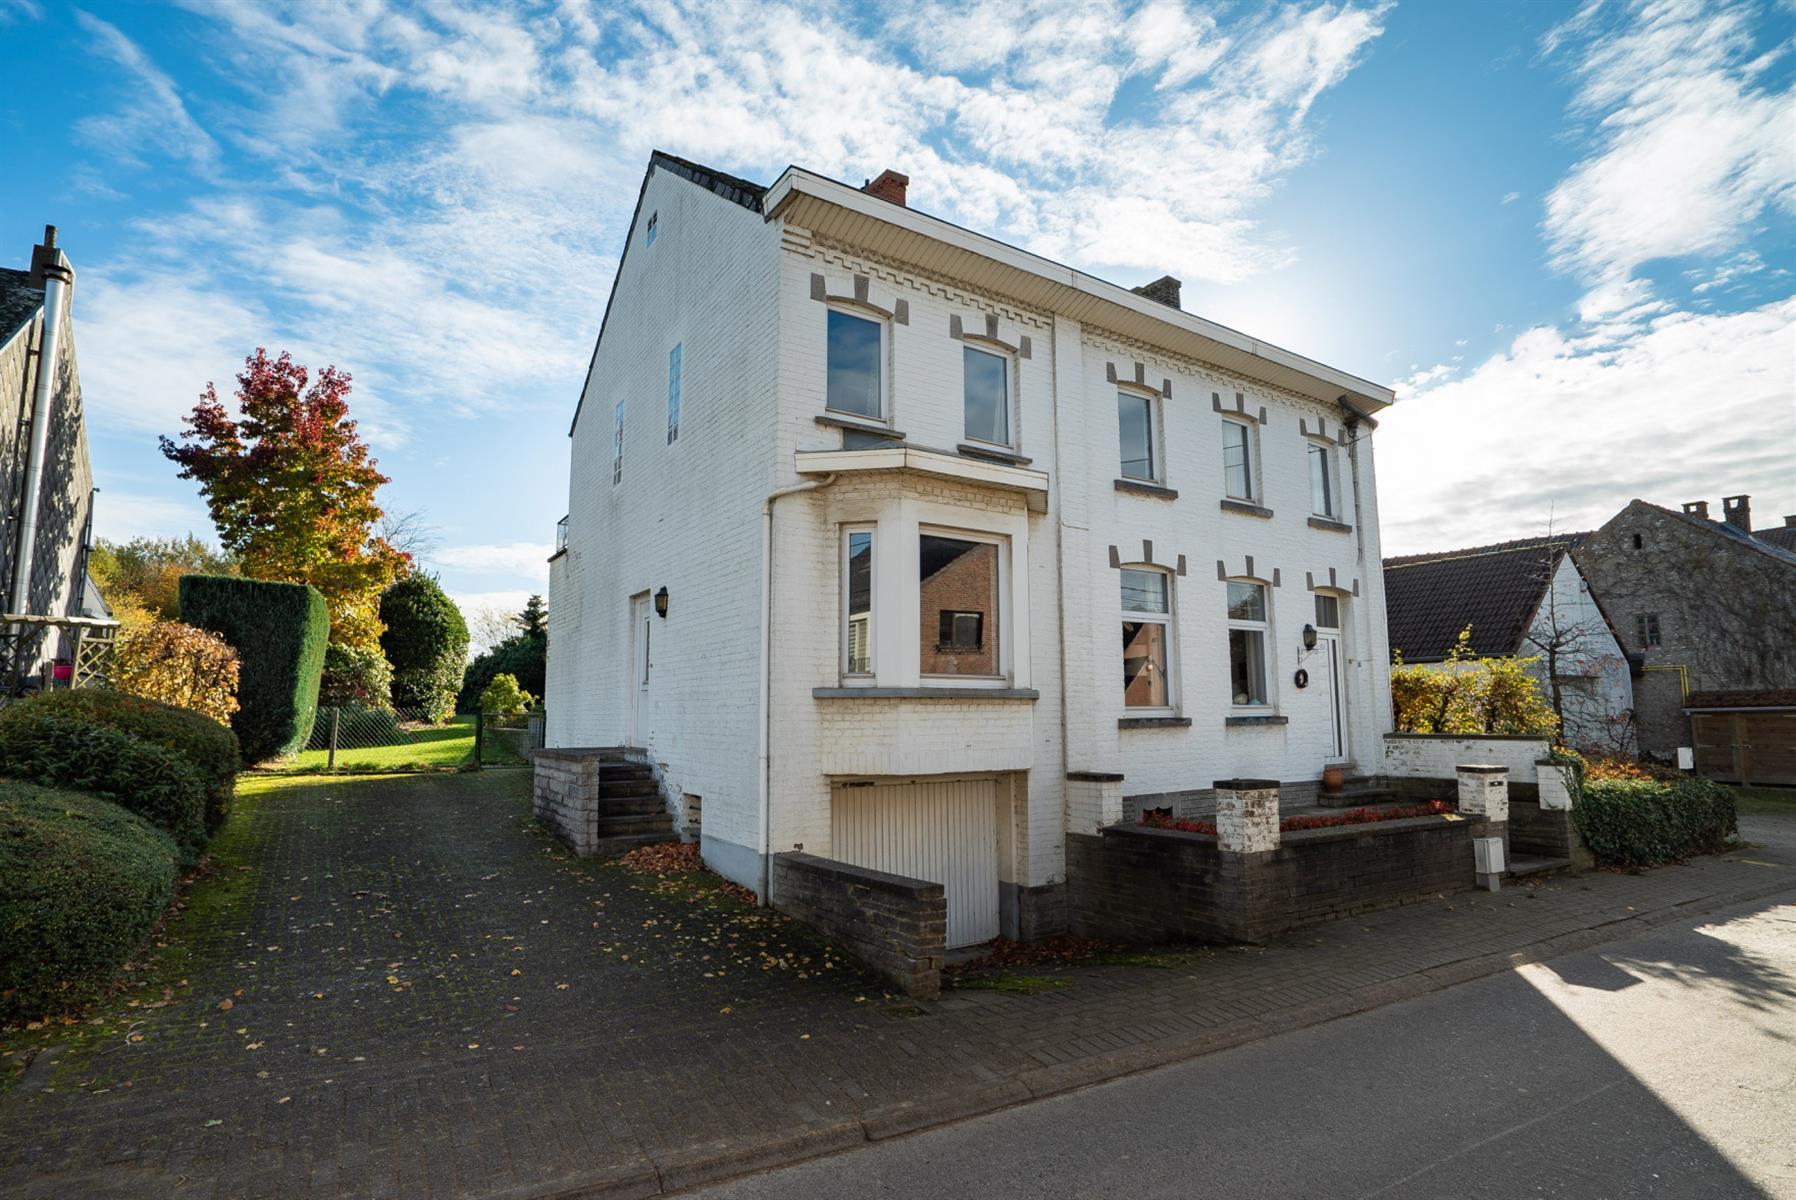 Maison de maître - Nil-saint-vincent-saint-martin - #4206773-3